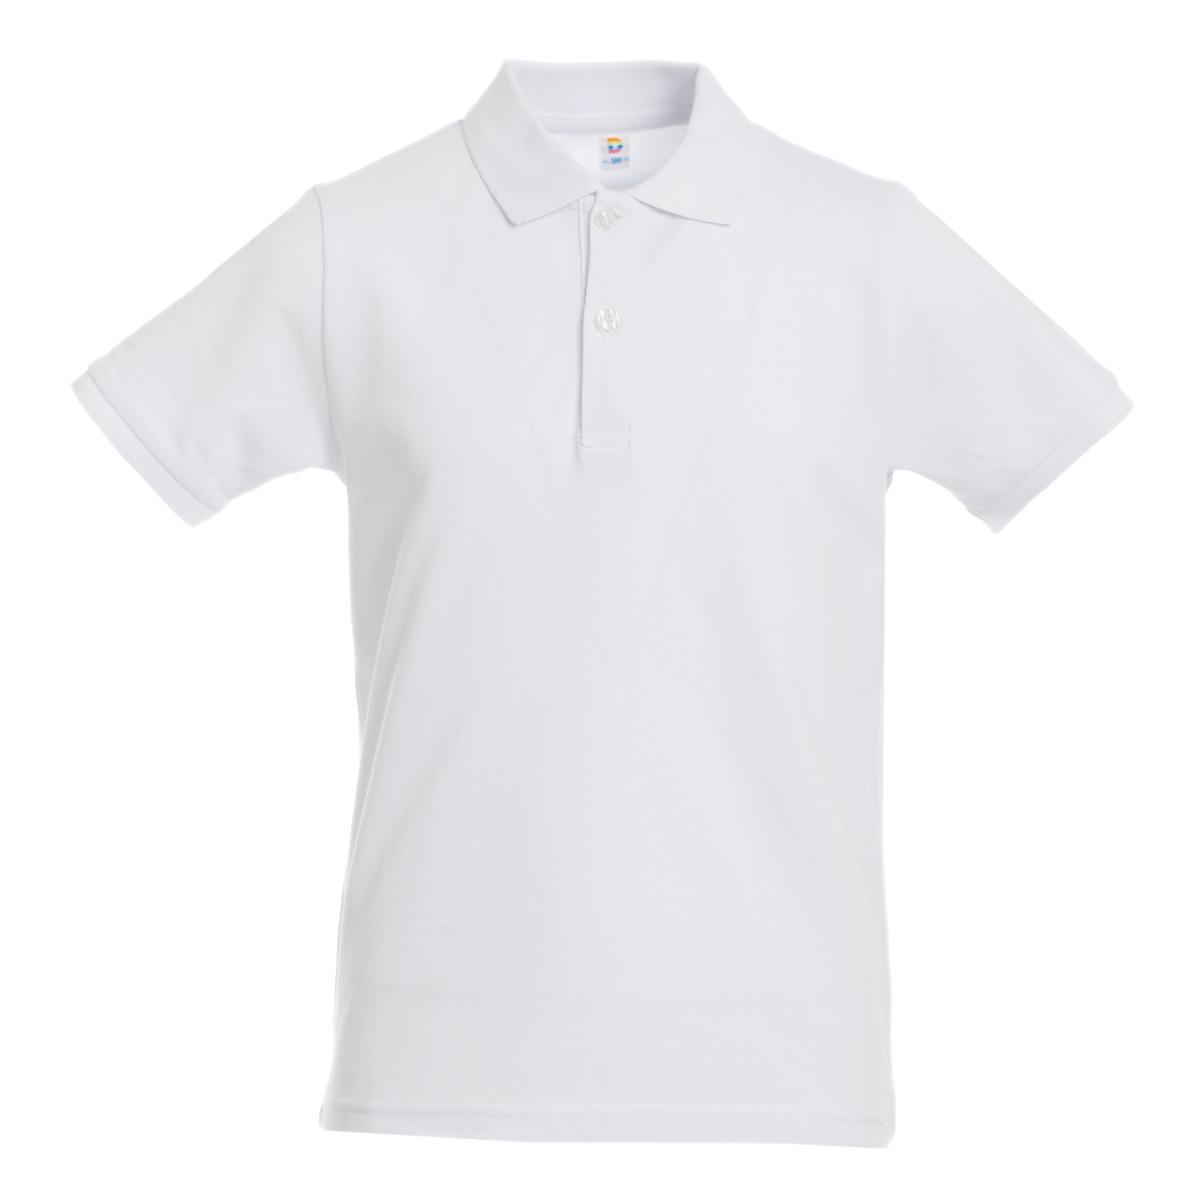 Рубашка поло DRESSPARK, MP-B030307 недорого